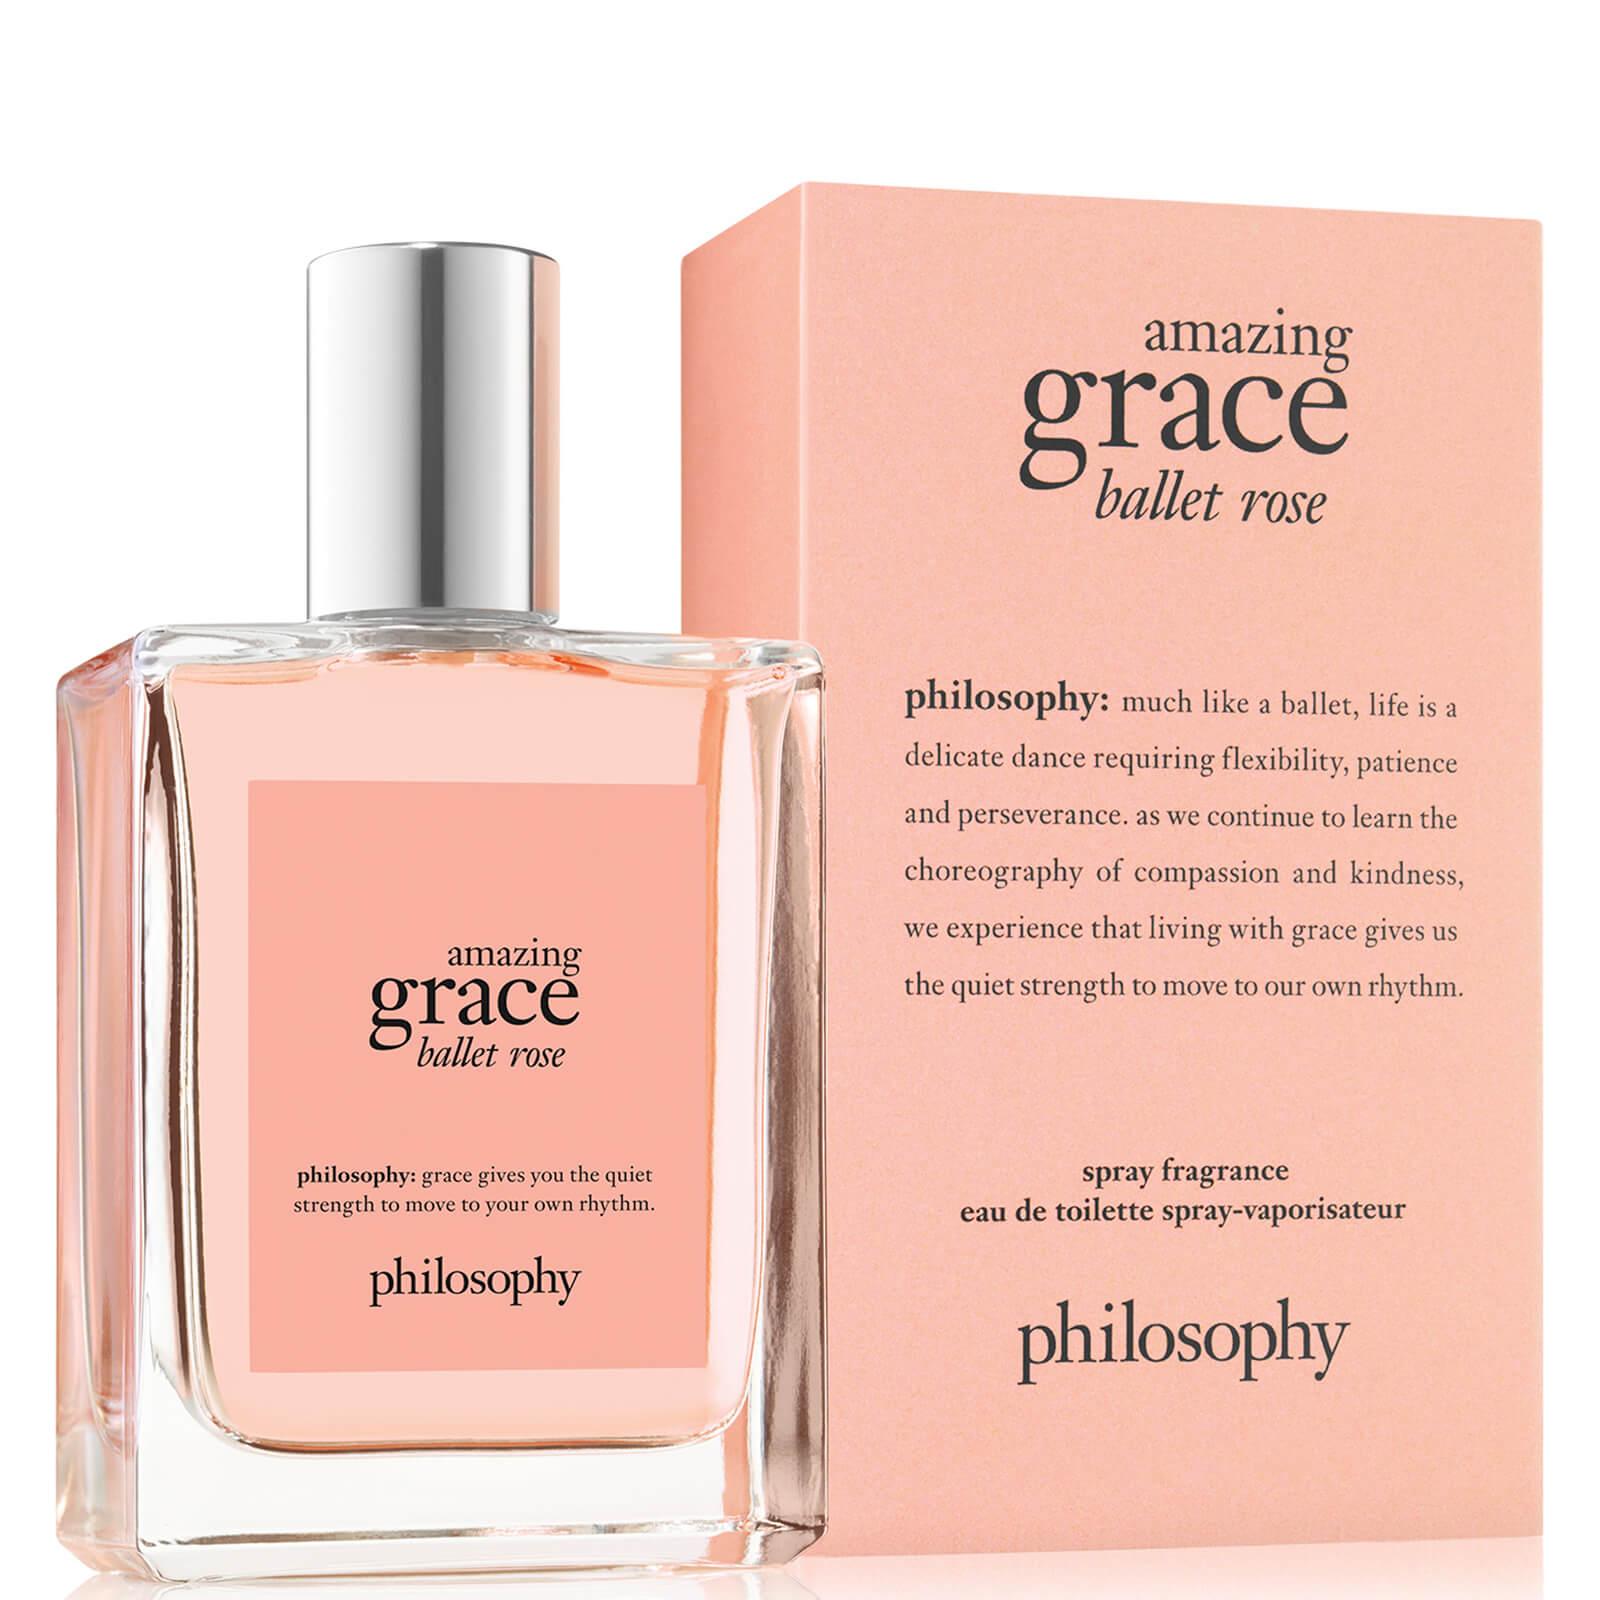 amazing grace parfym